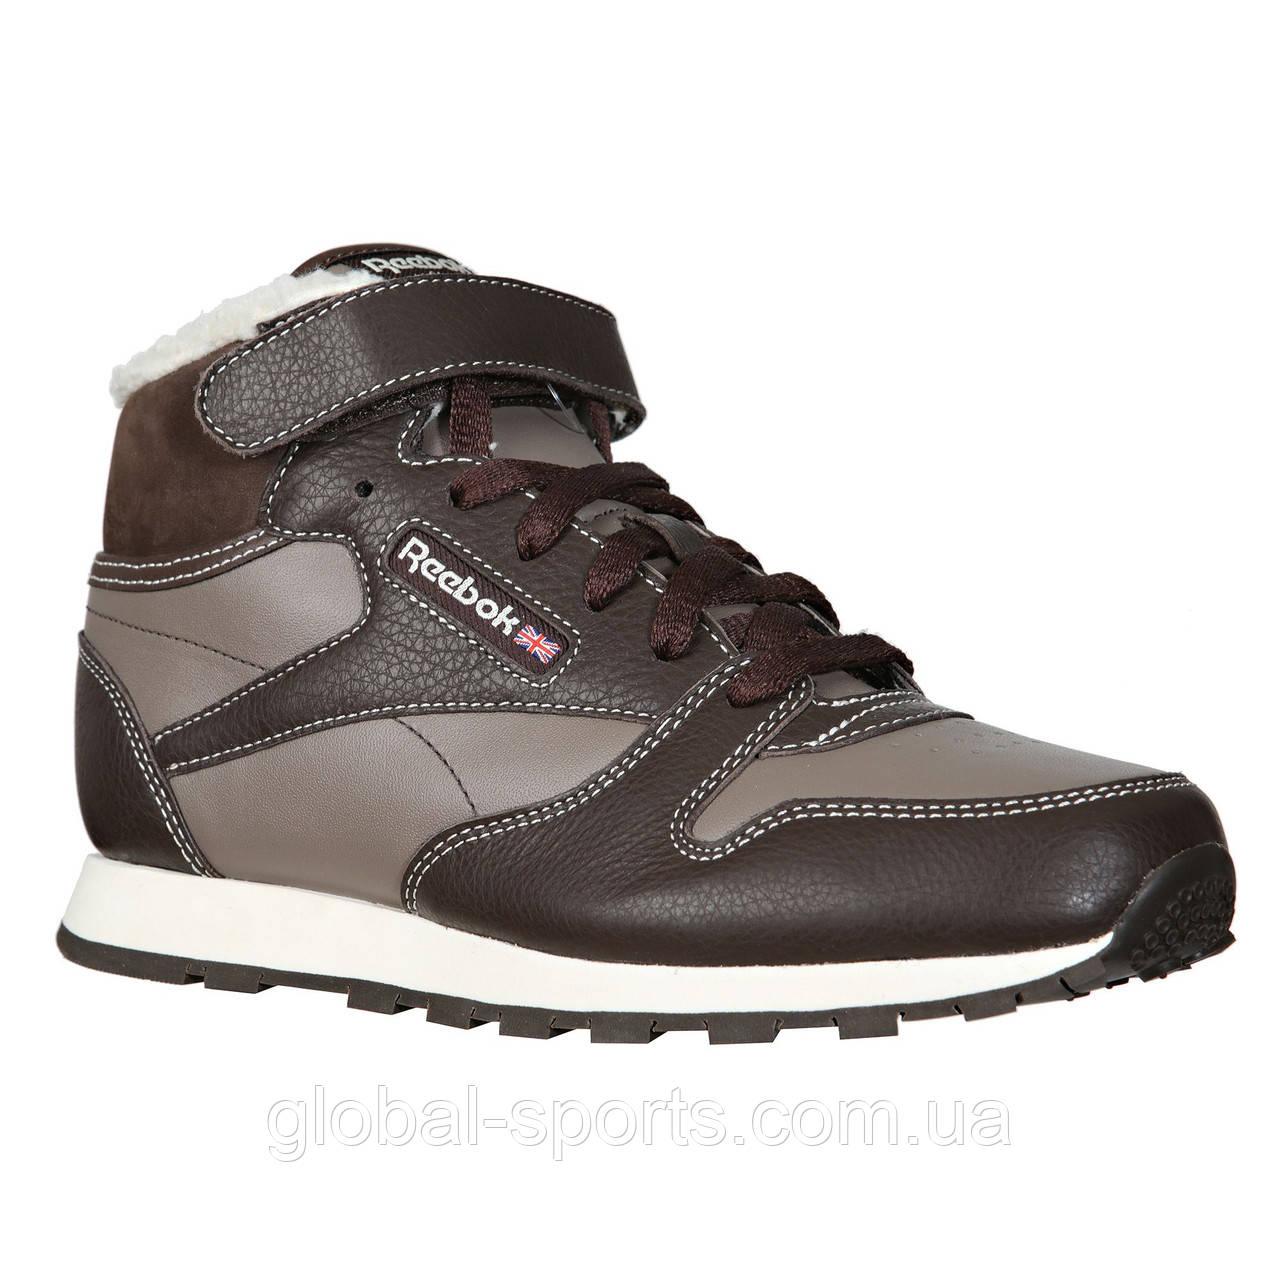 Детские зимние кроссовки Reebok Classic Leather Kids, (Артикул  M46338) -  Global Sport f2436a03273